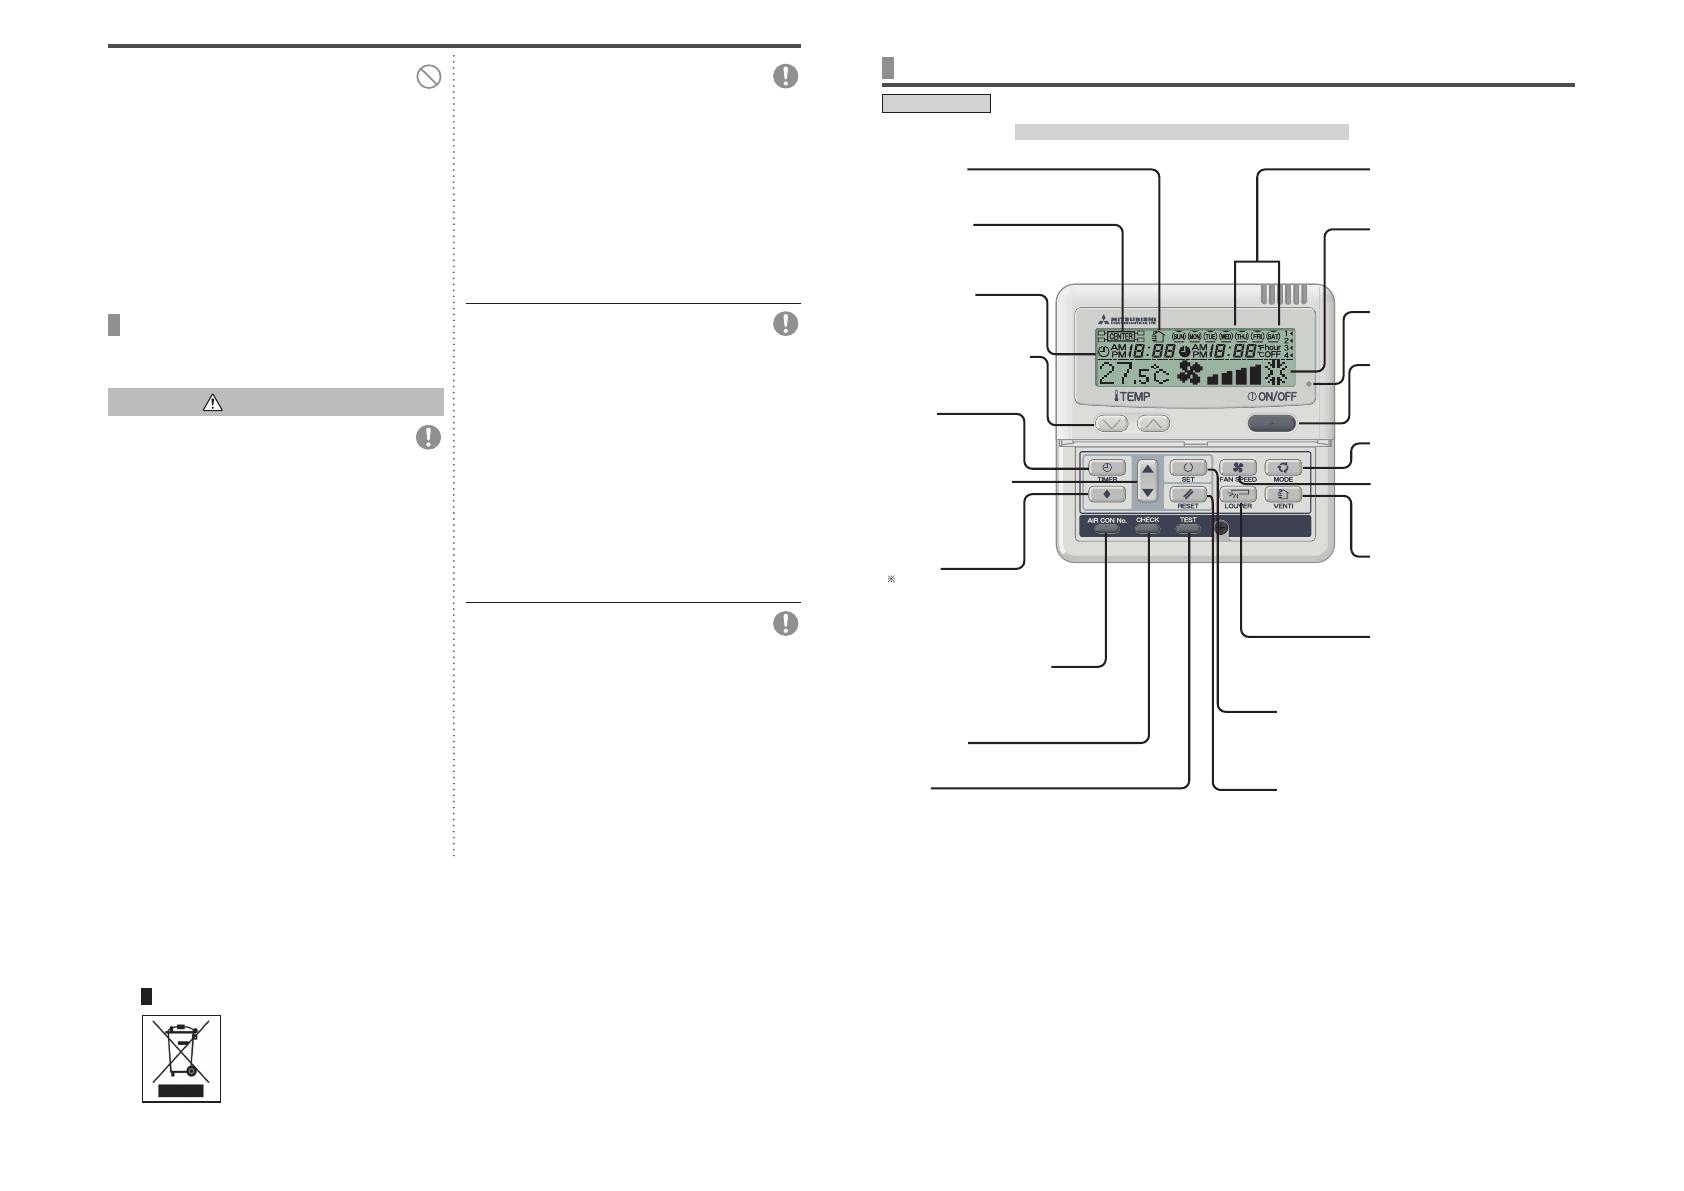 Mitsubishi Klimaanlage Symbole